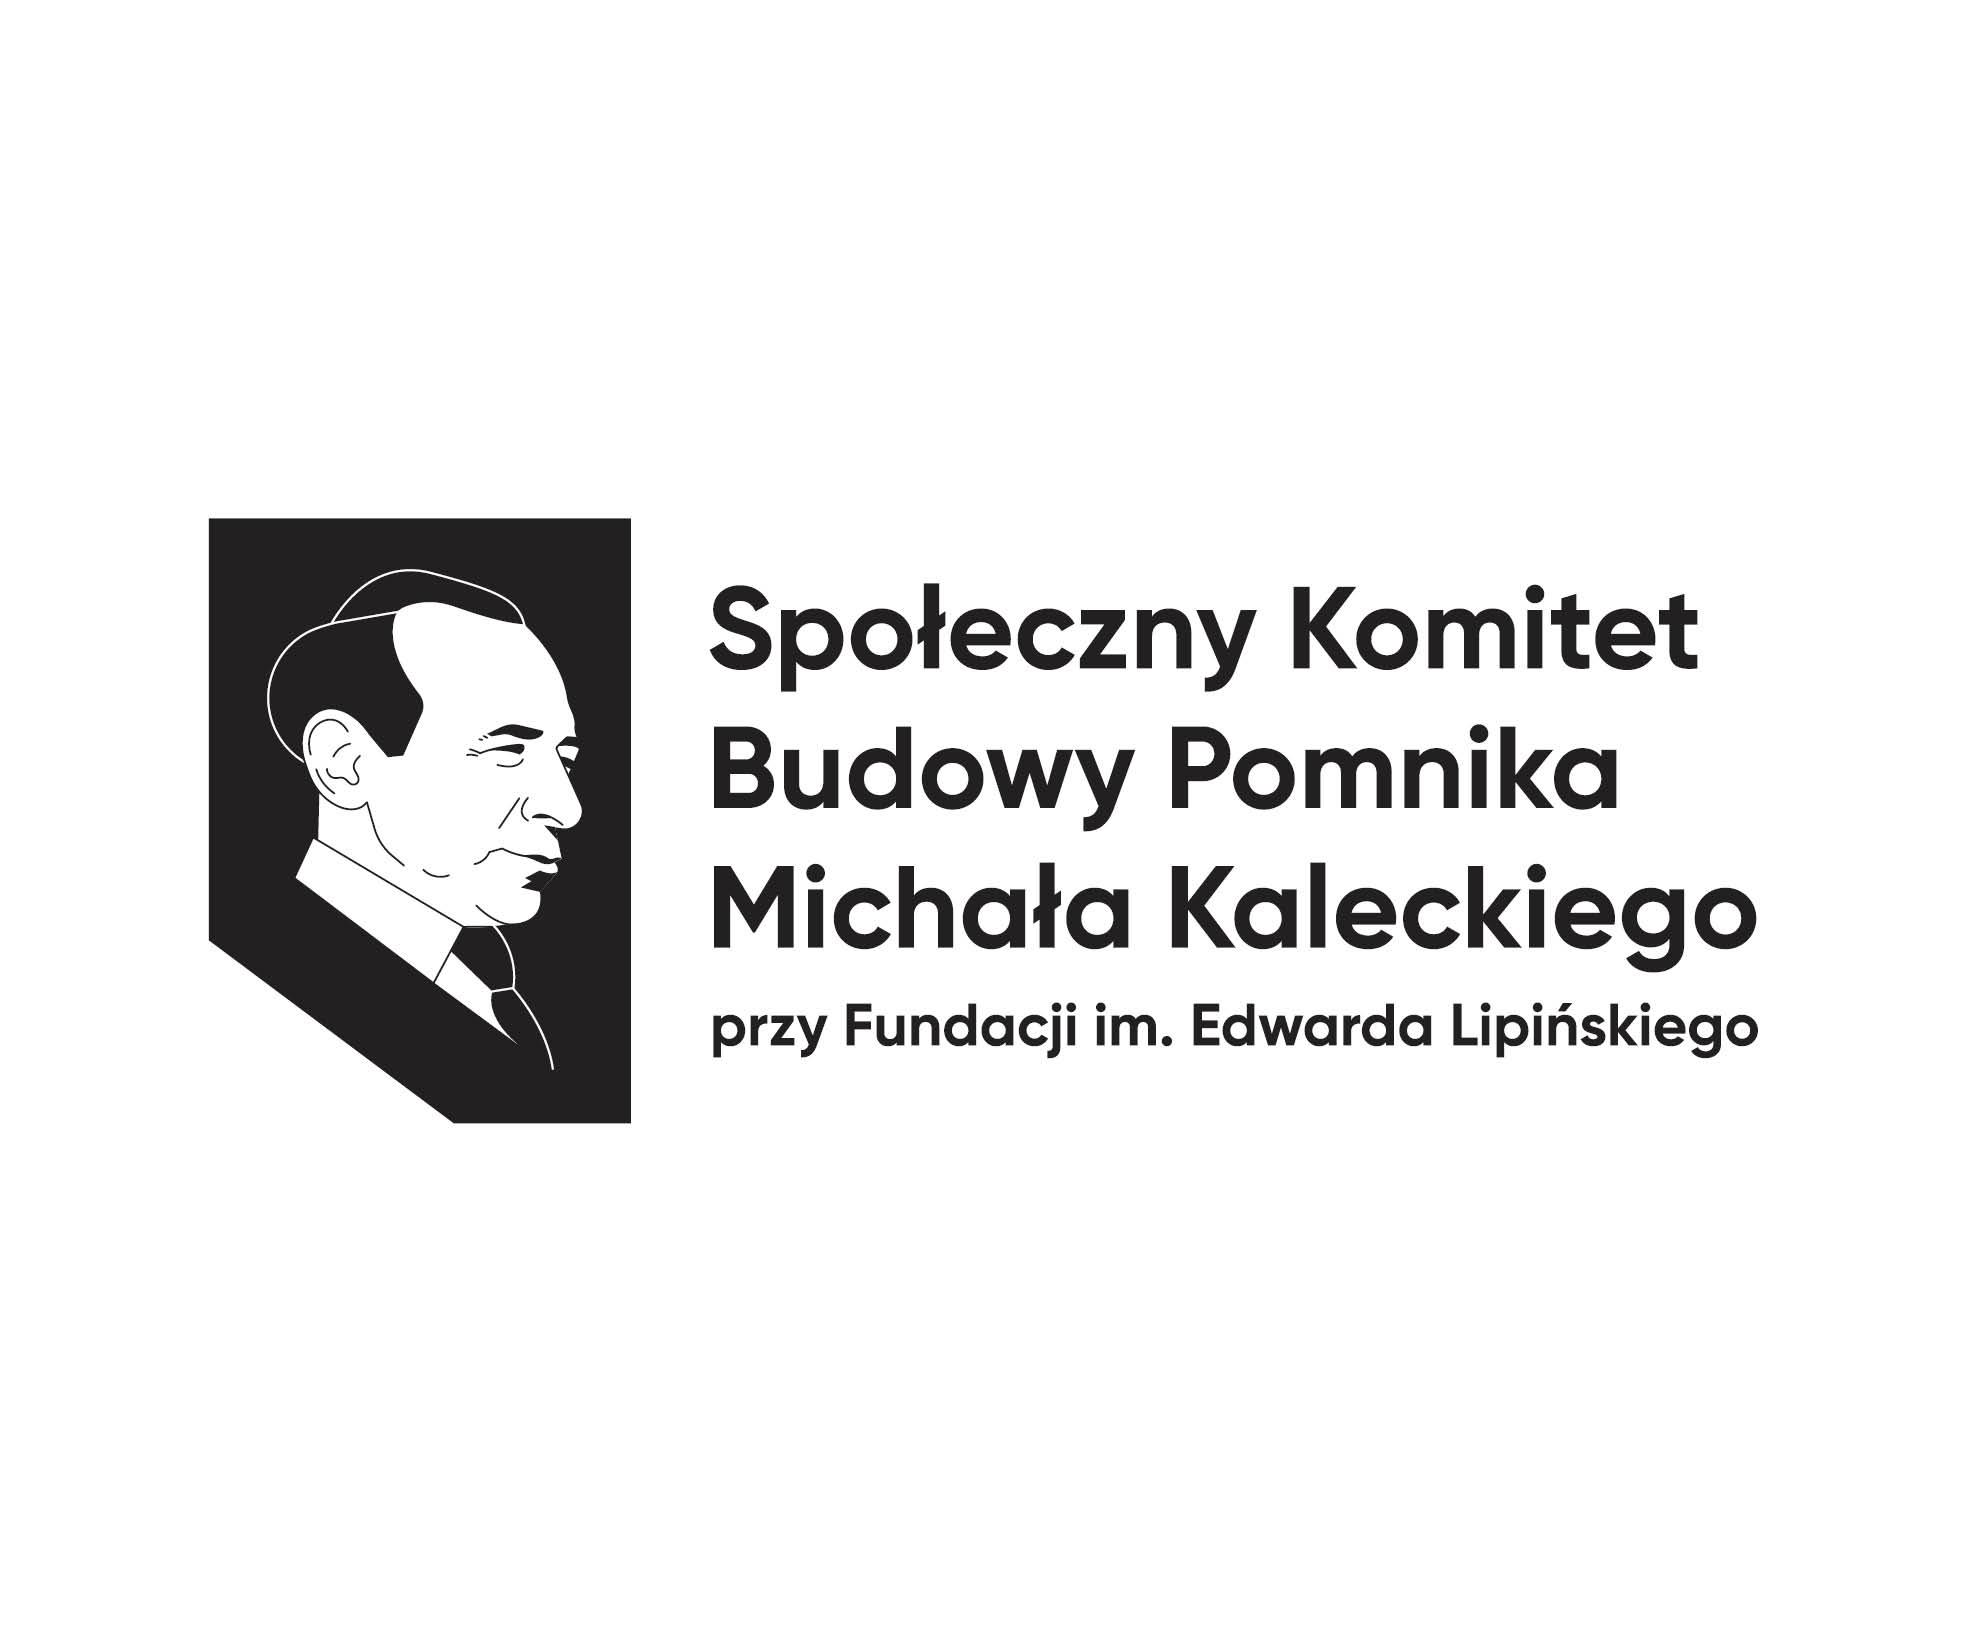 społeczny komitet budowy pomnika Michała Kaleckiego